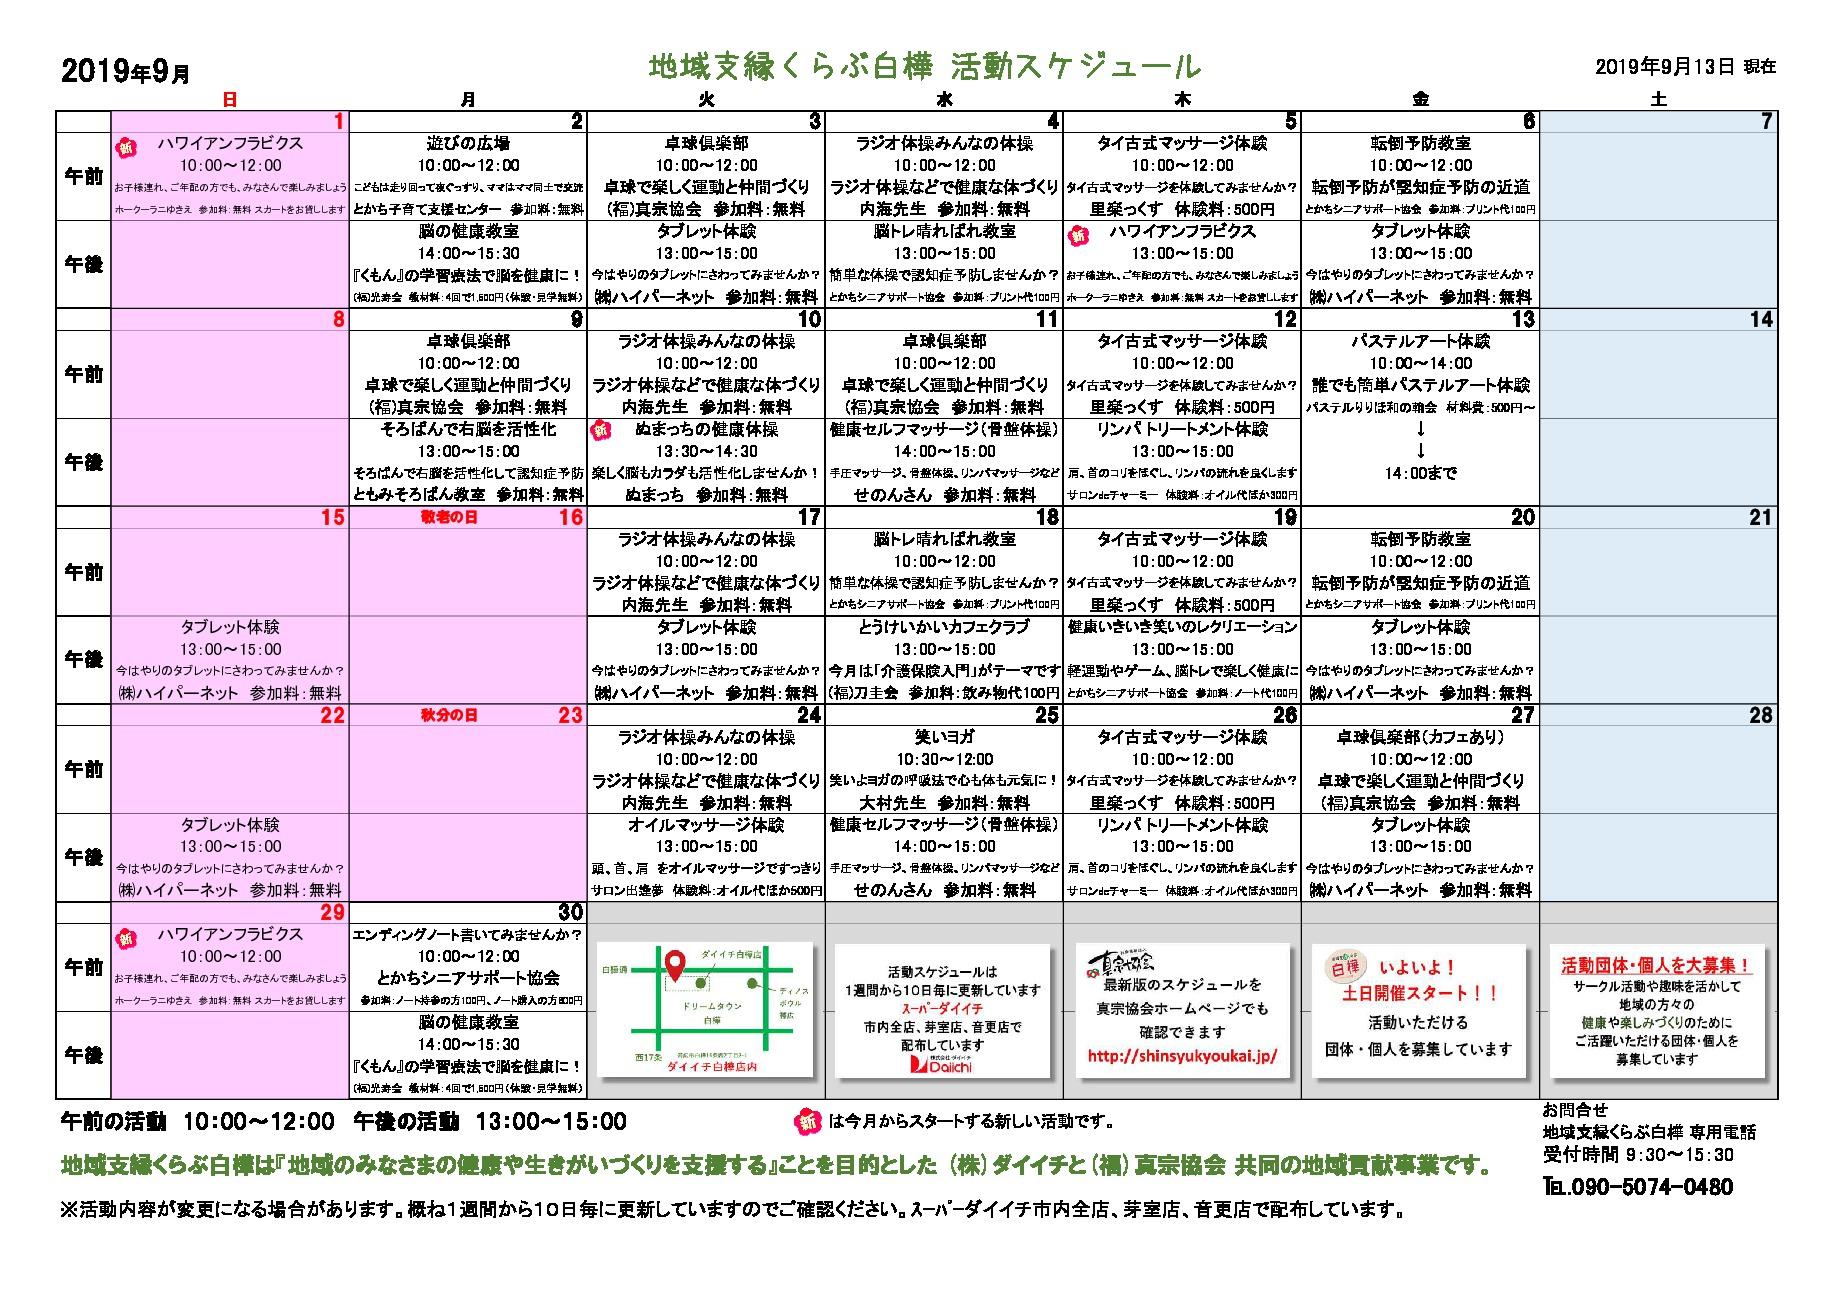 2019活動スケジュール9(2019.9.13付)のサムネイル